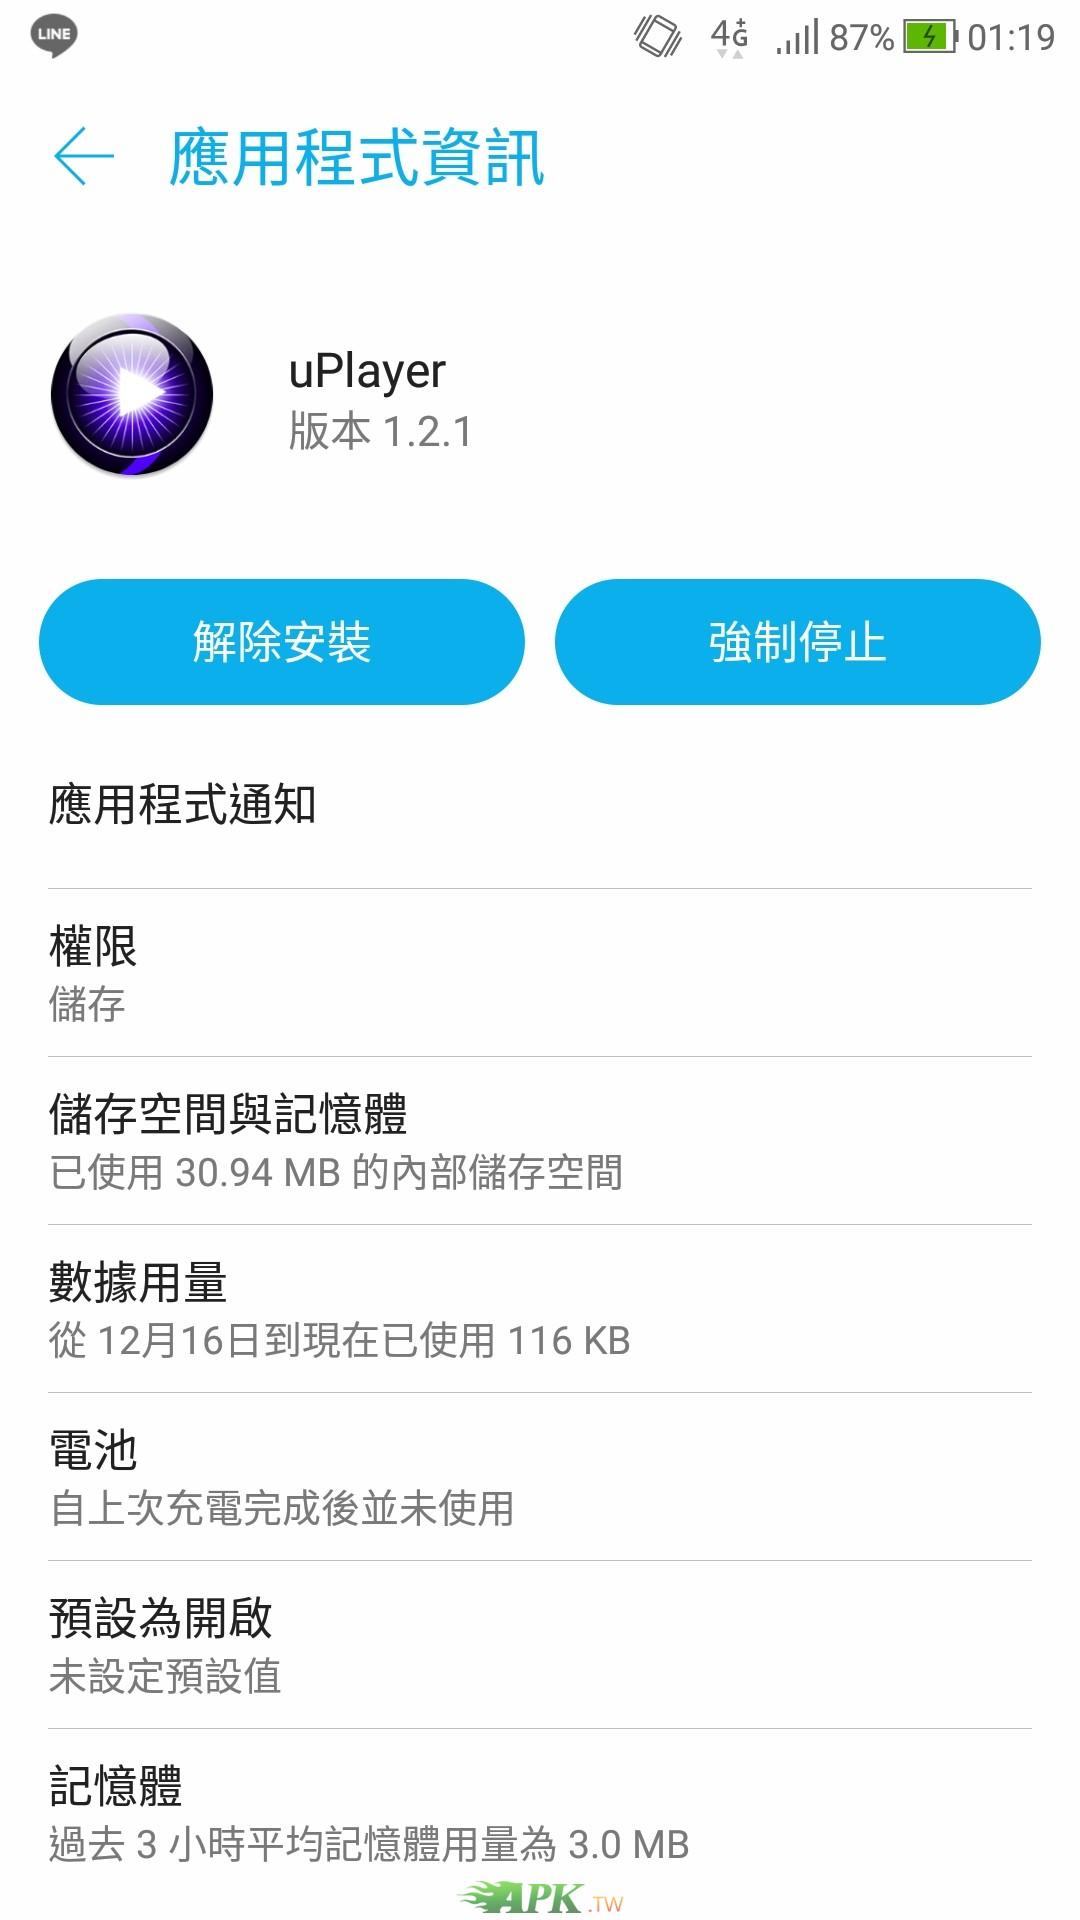 Screenshot_20181216-011924.jpg